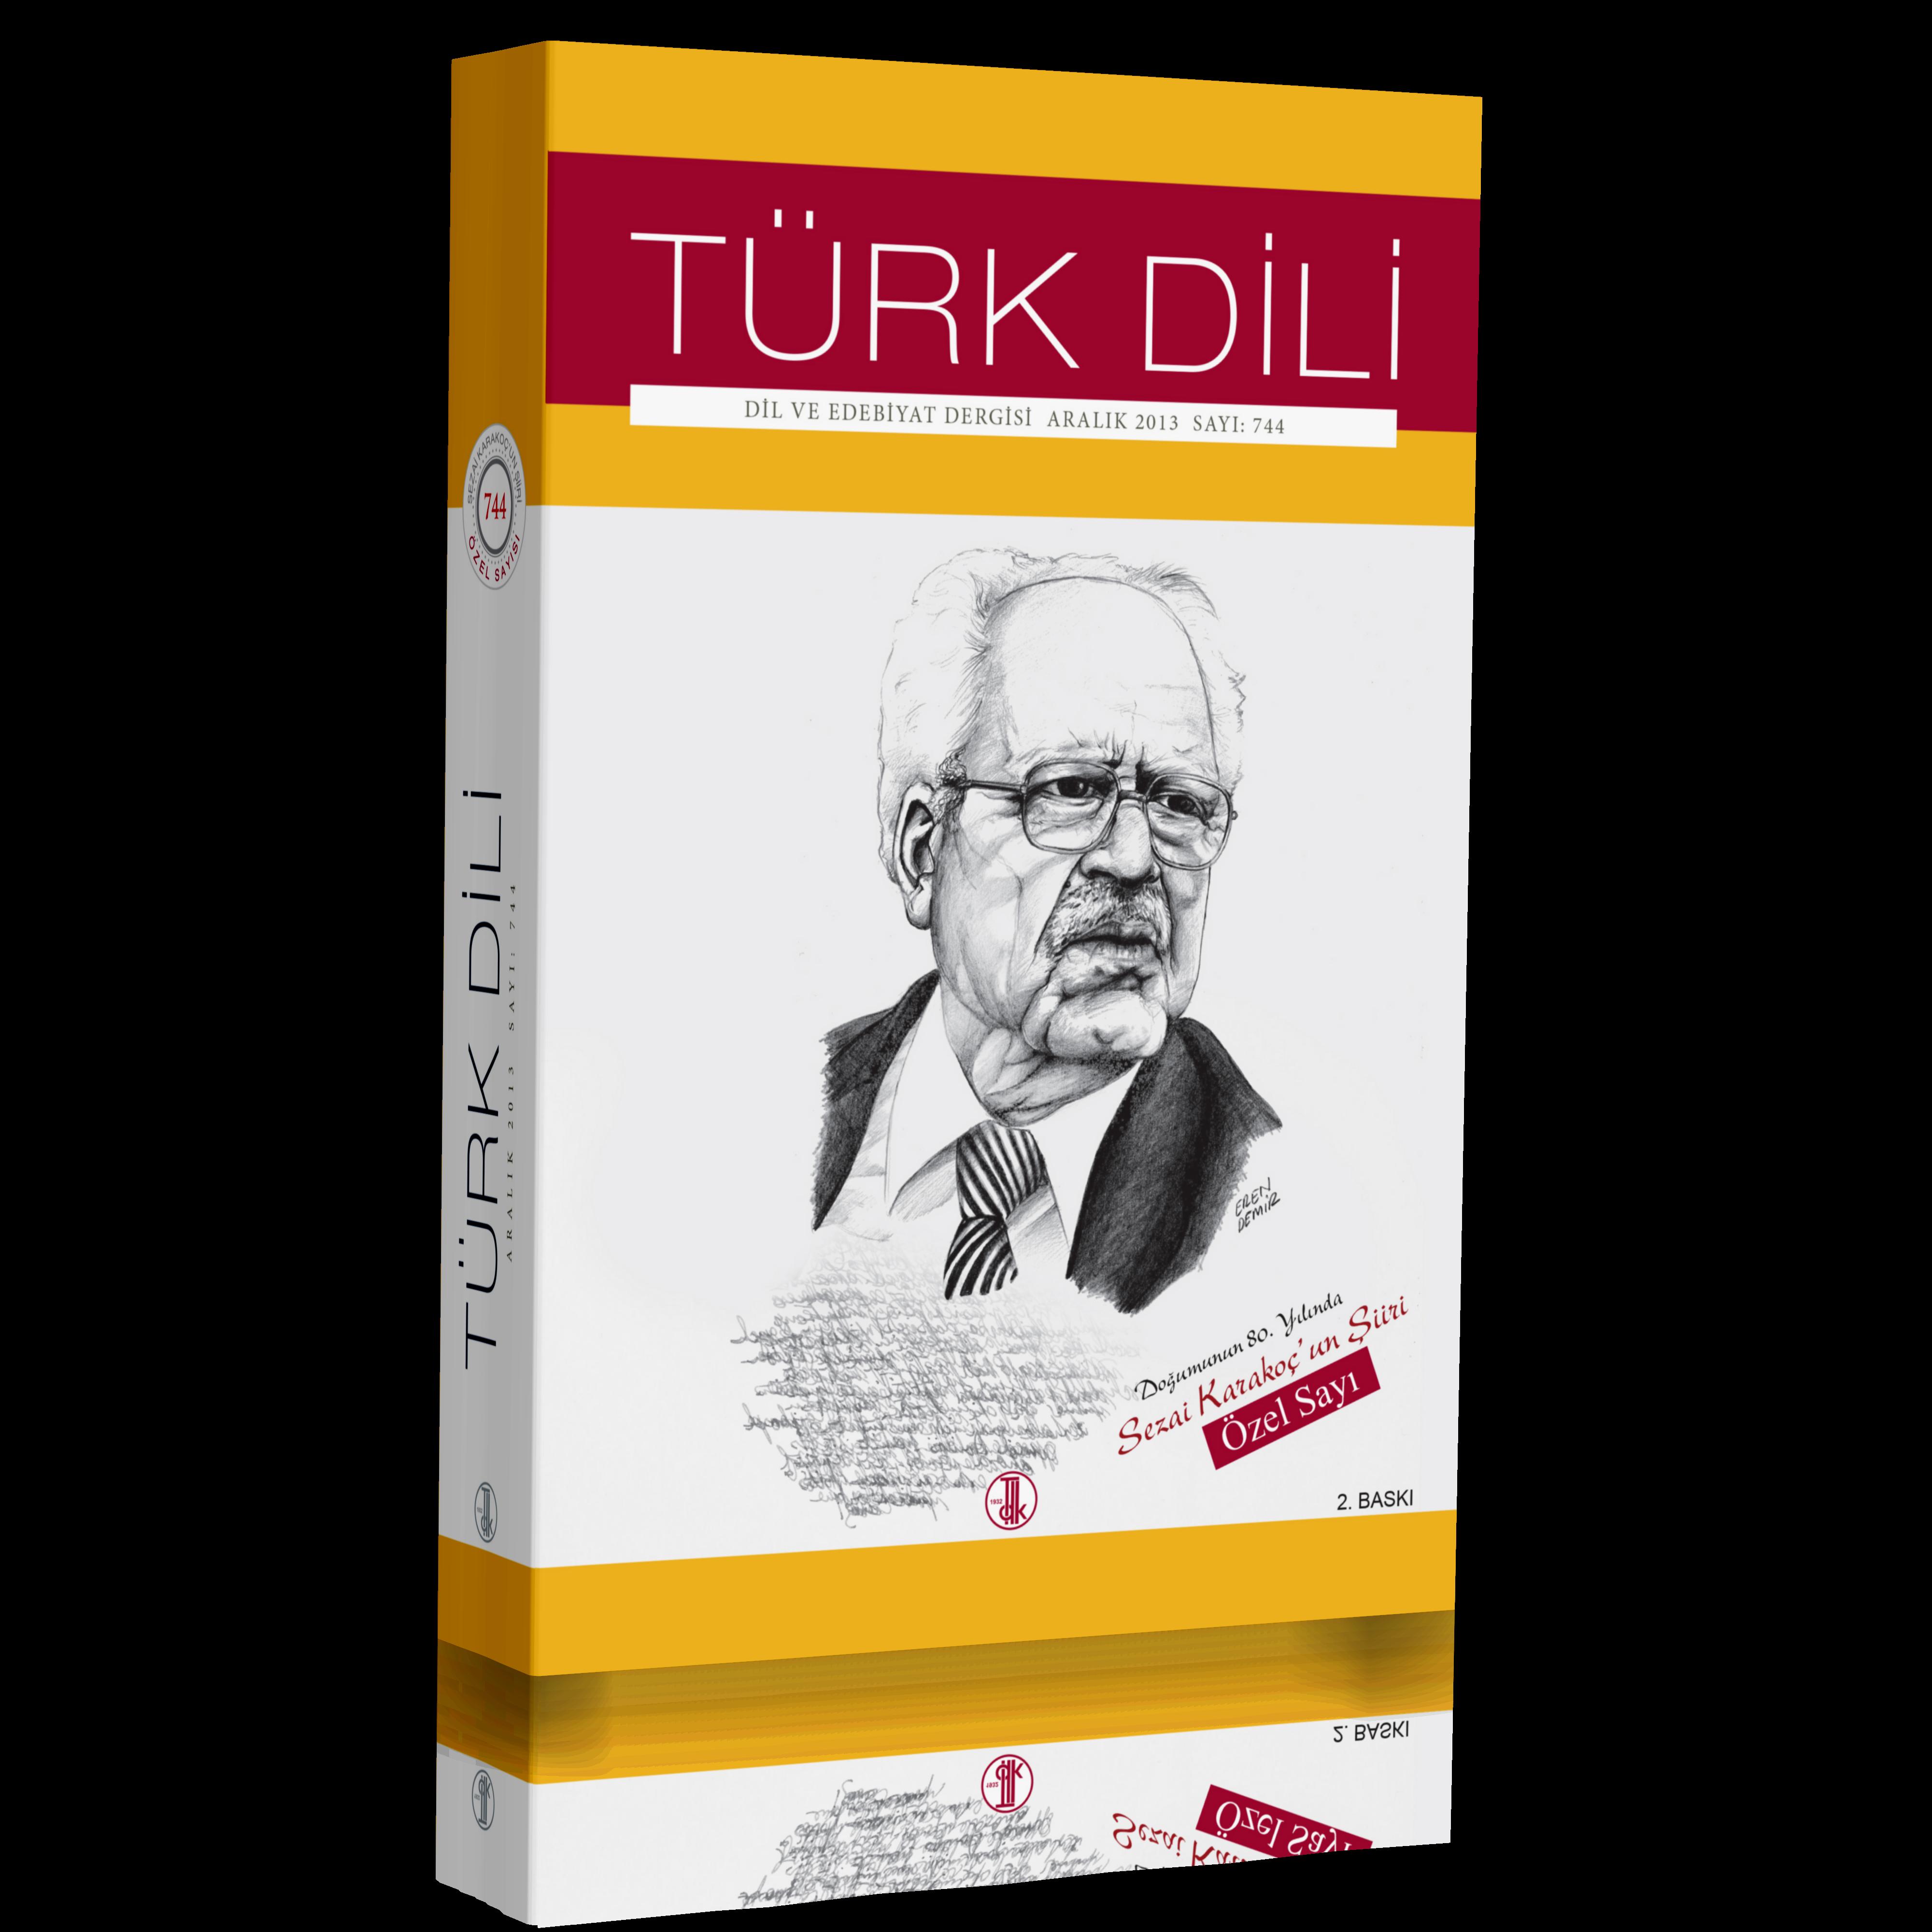 Türk Dili Dergisi Doğumunun 80. Yılında Sezai Karakoç'un Şiiri Özel Sayısı, 2018